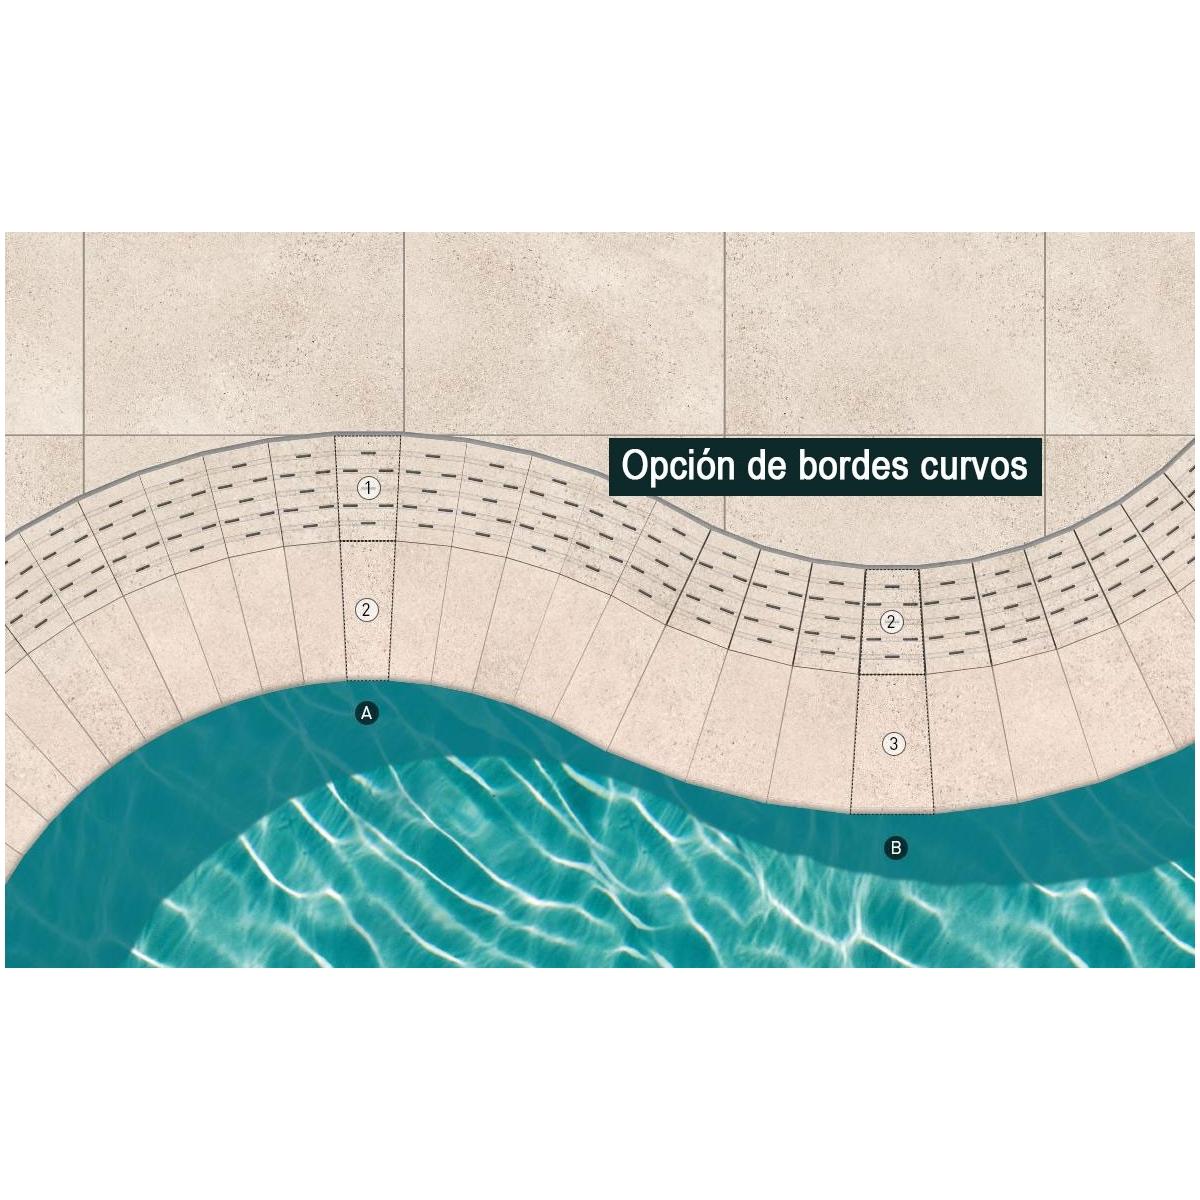 Borde de piscina Creta Stromboli Silver 33x50 Cerámicas Mayor